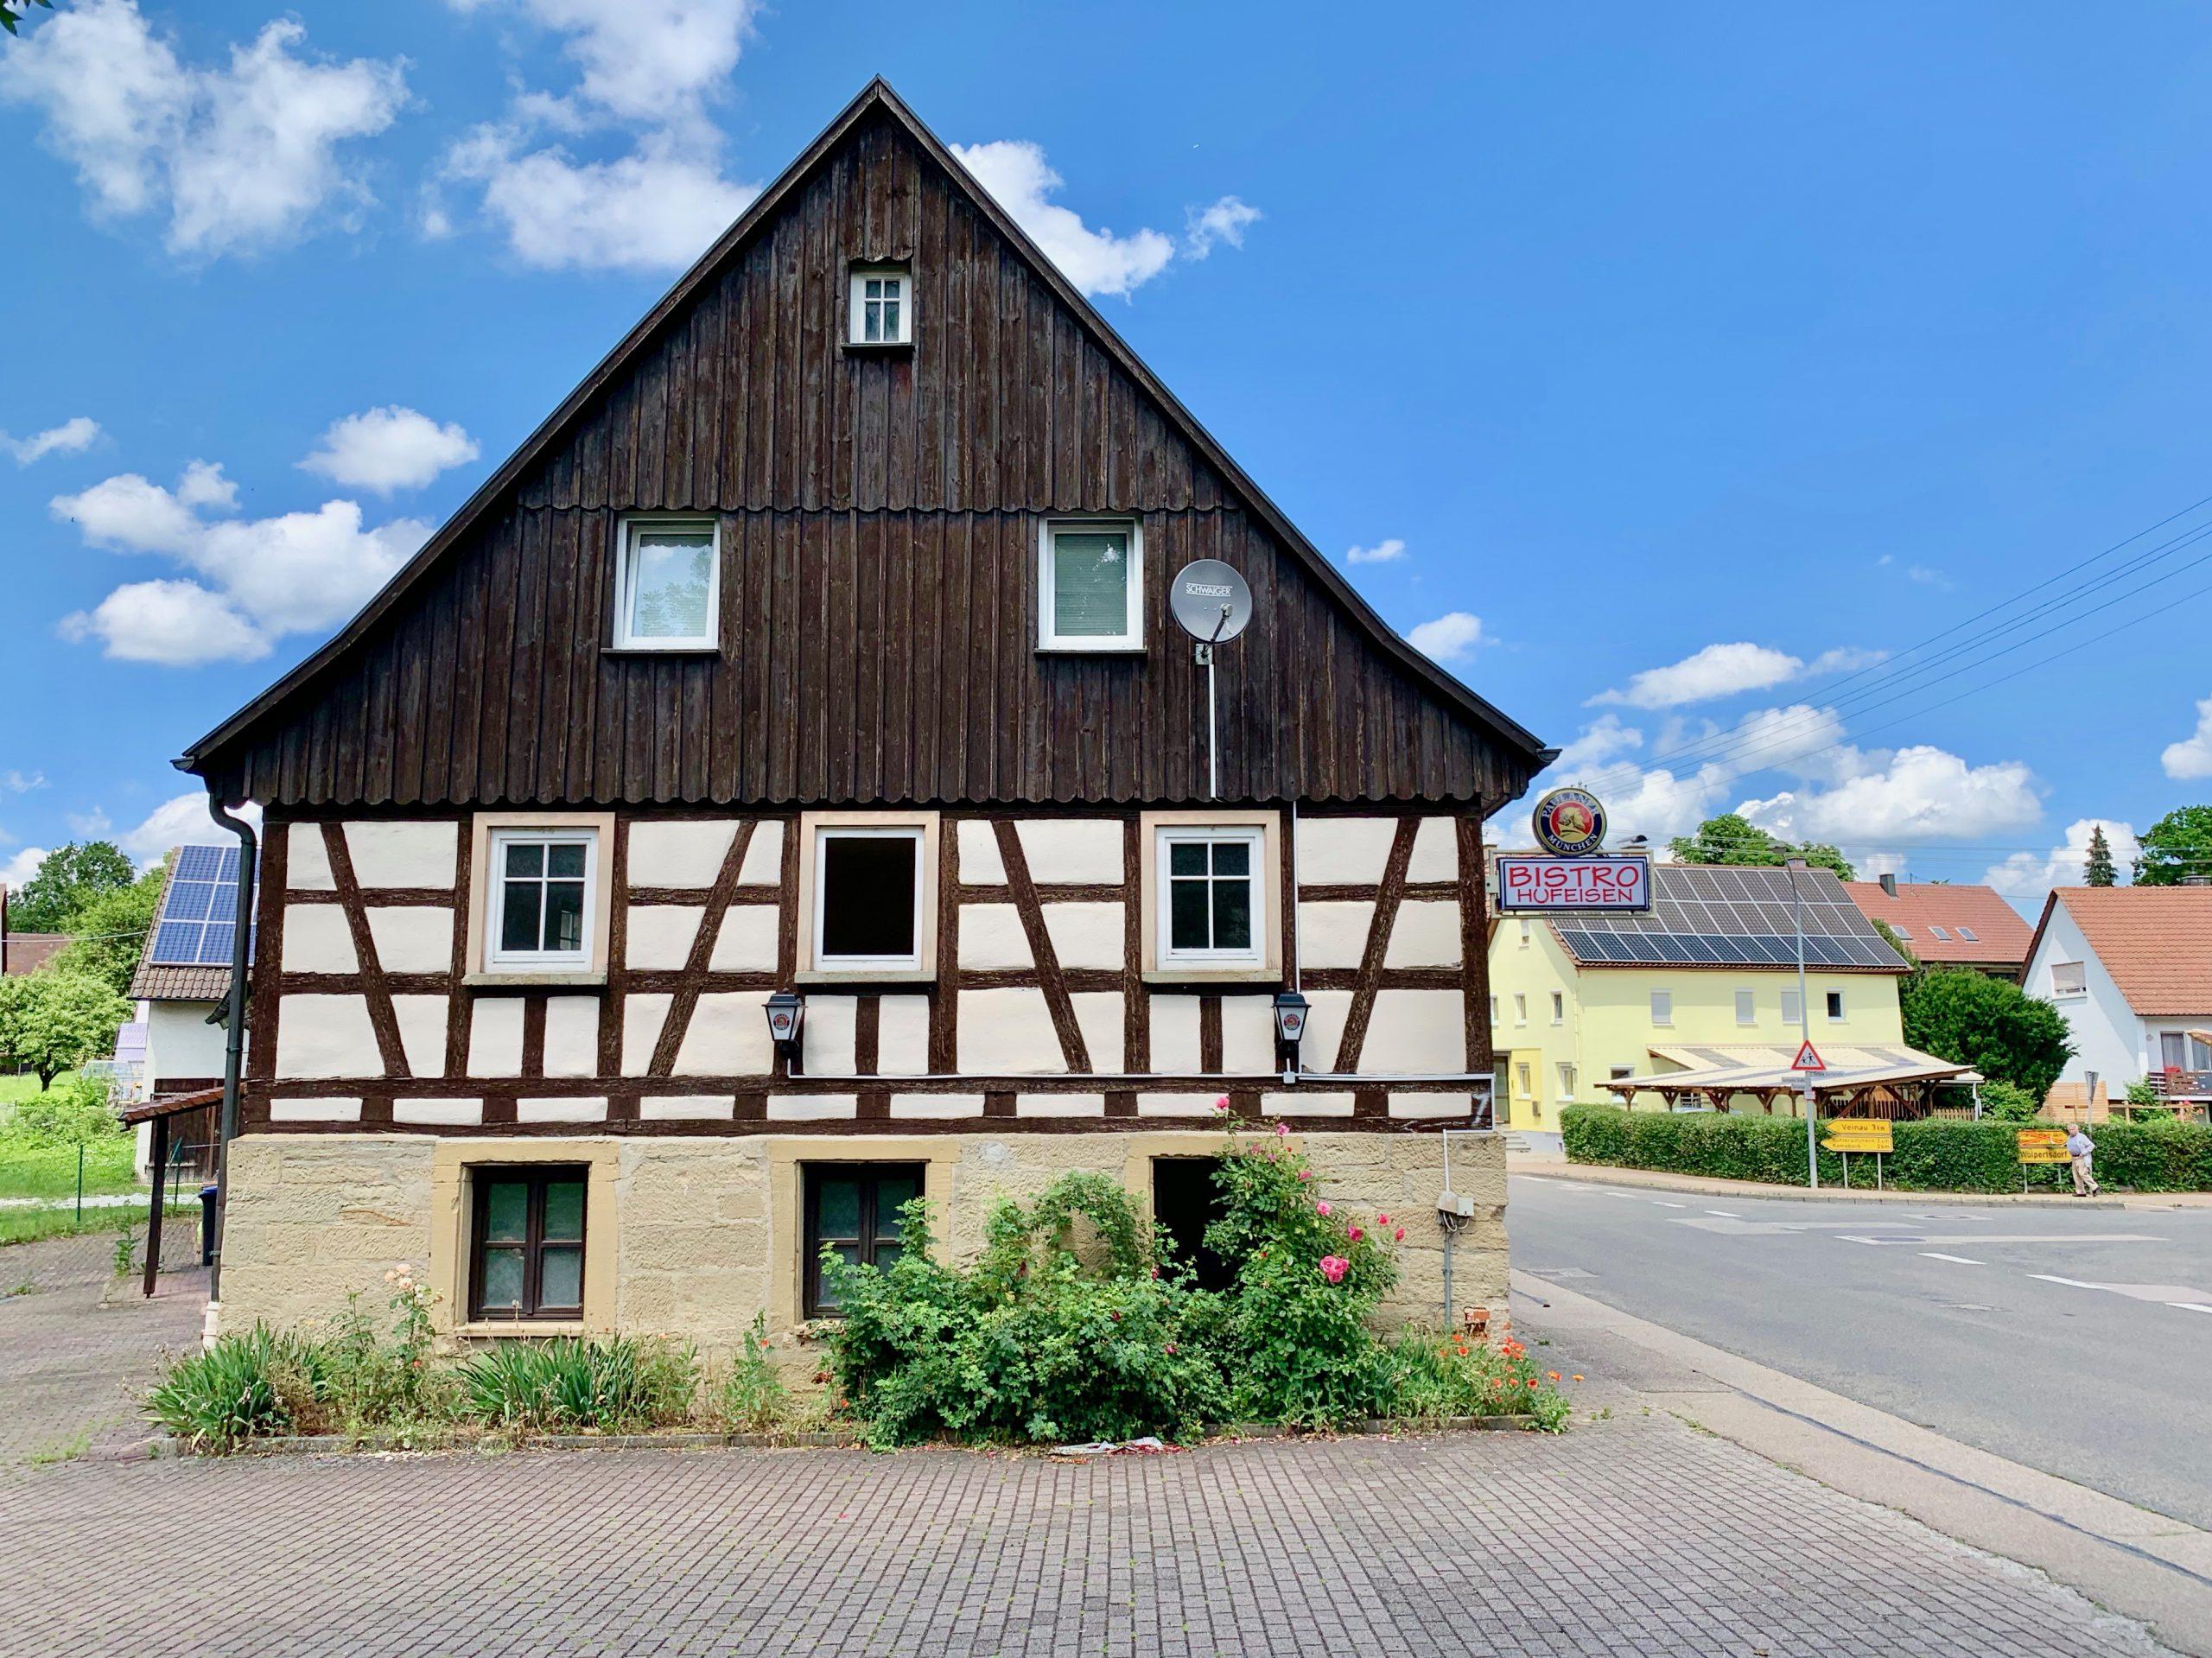 Wunderschönes, historisches Fachwerkhaus in Schwäbisch Hall